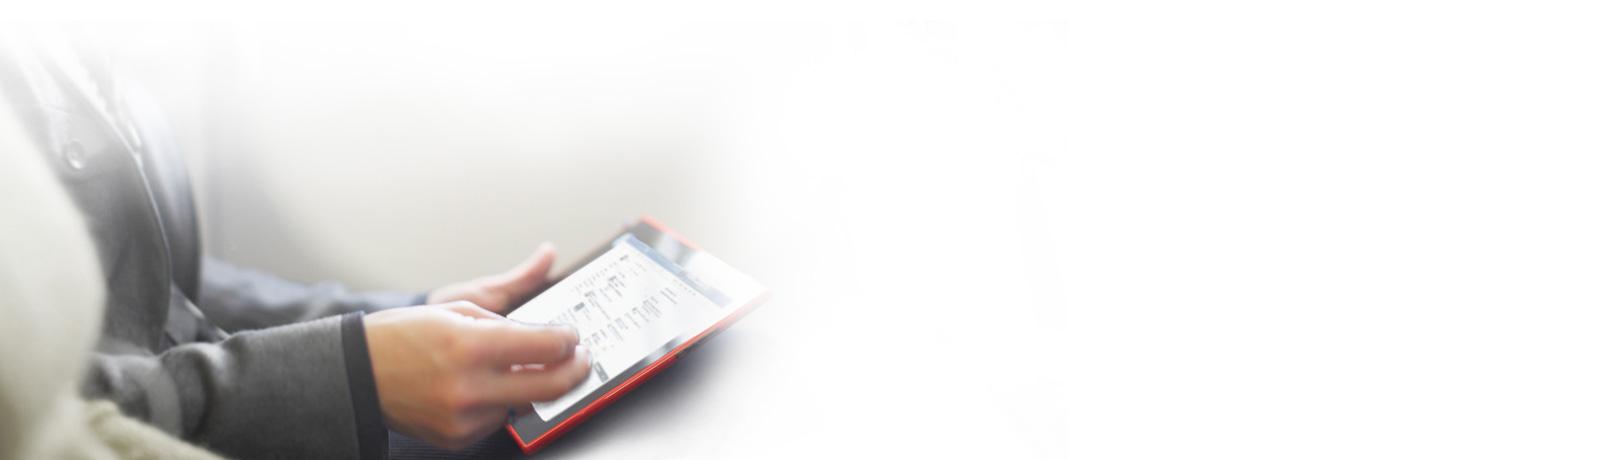 Close-up van een zittende persoon die werkt op een tablet die hij in de linkerhand houdt.